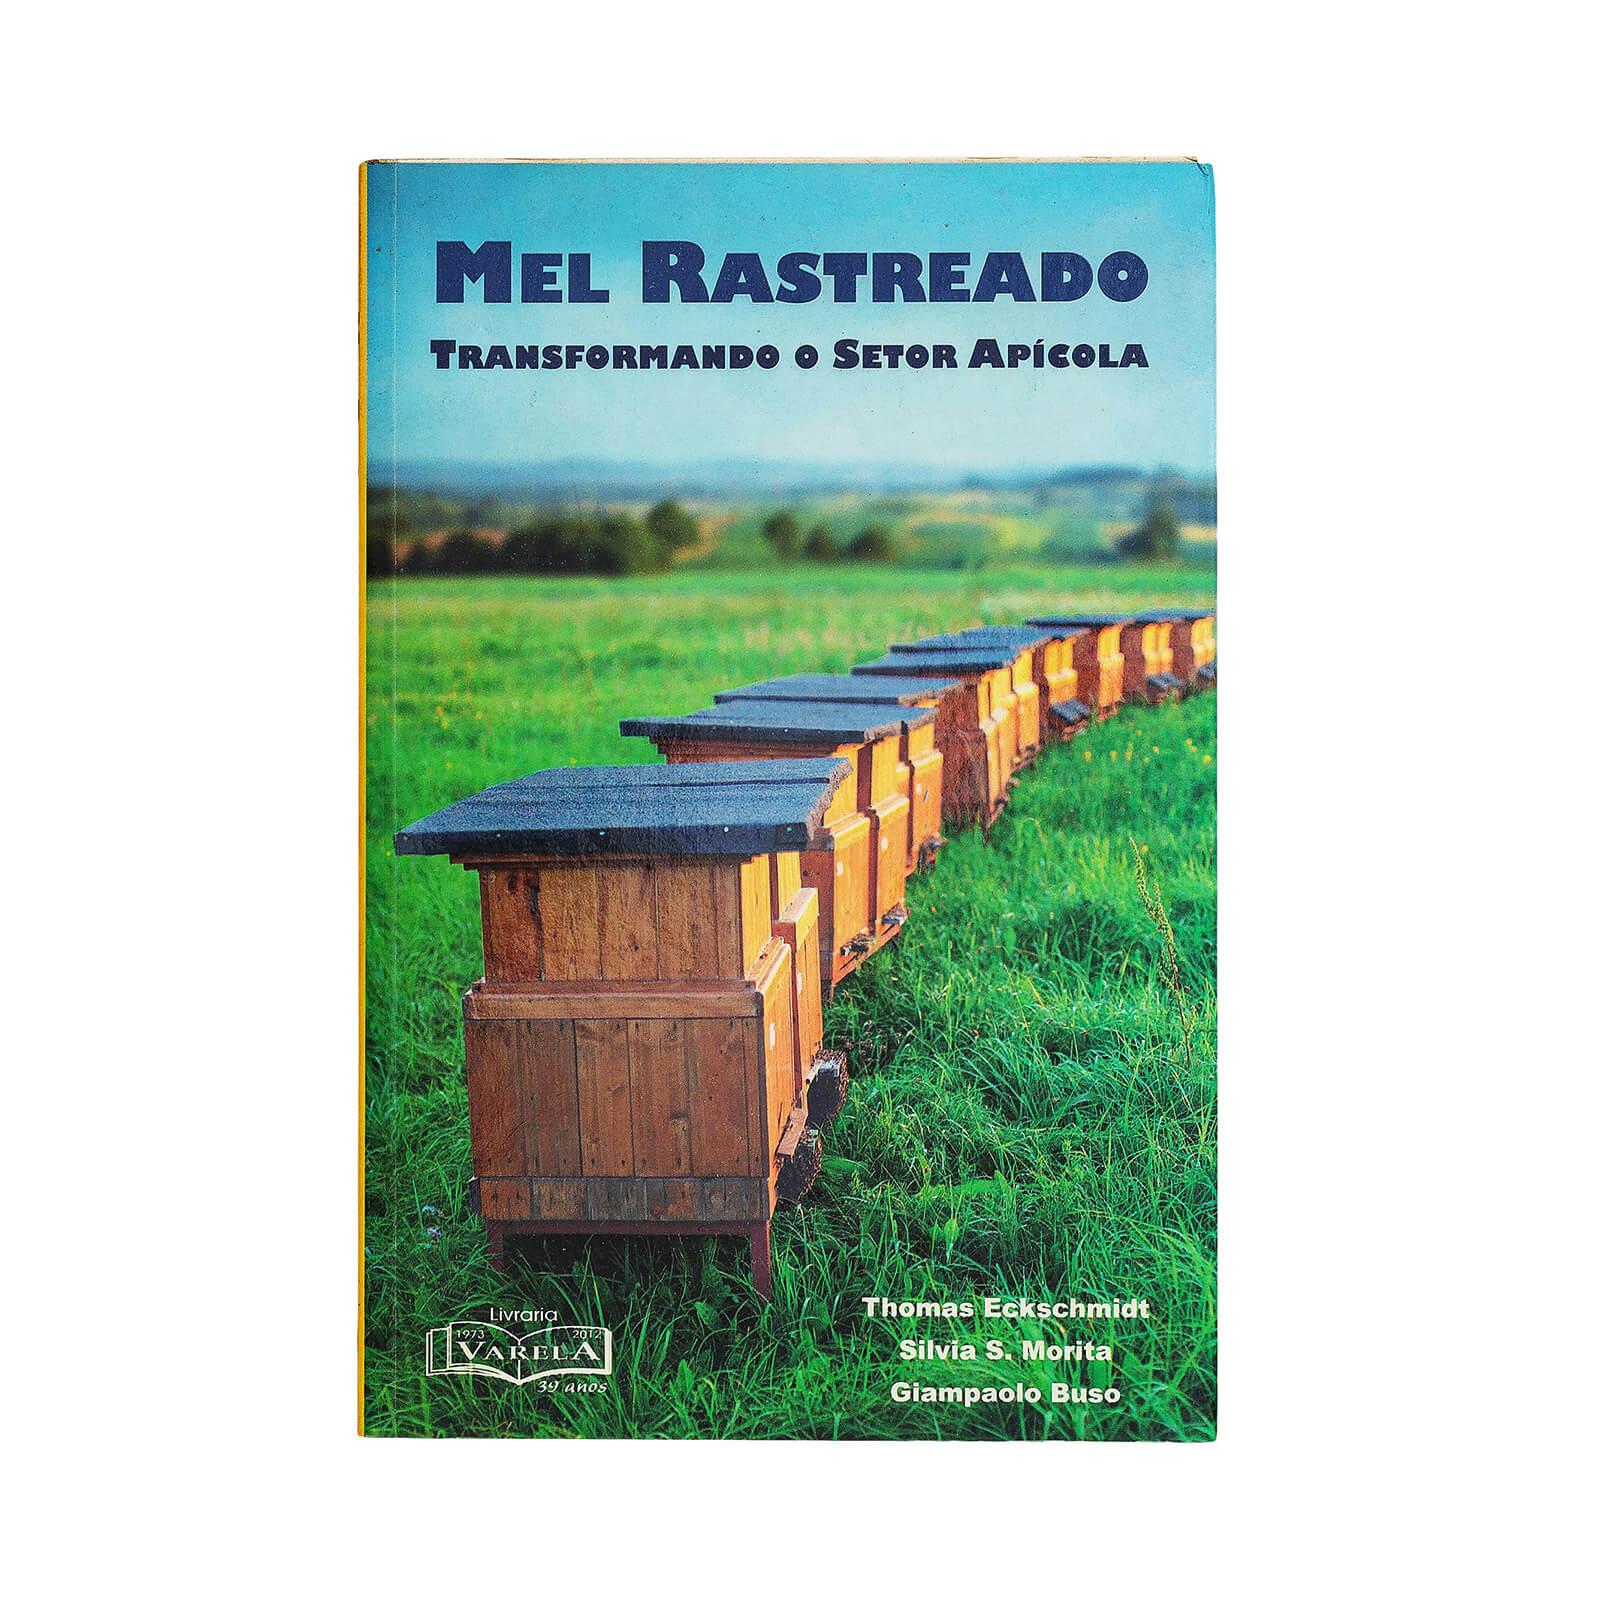 Mel rastreado - transformando o setor apícola